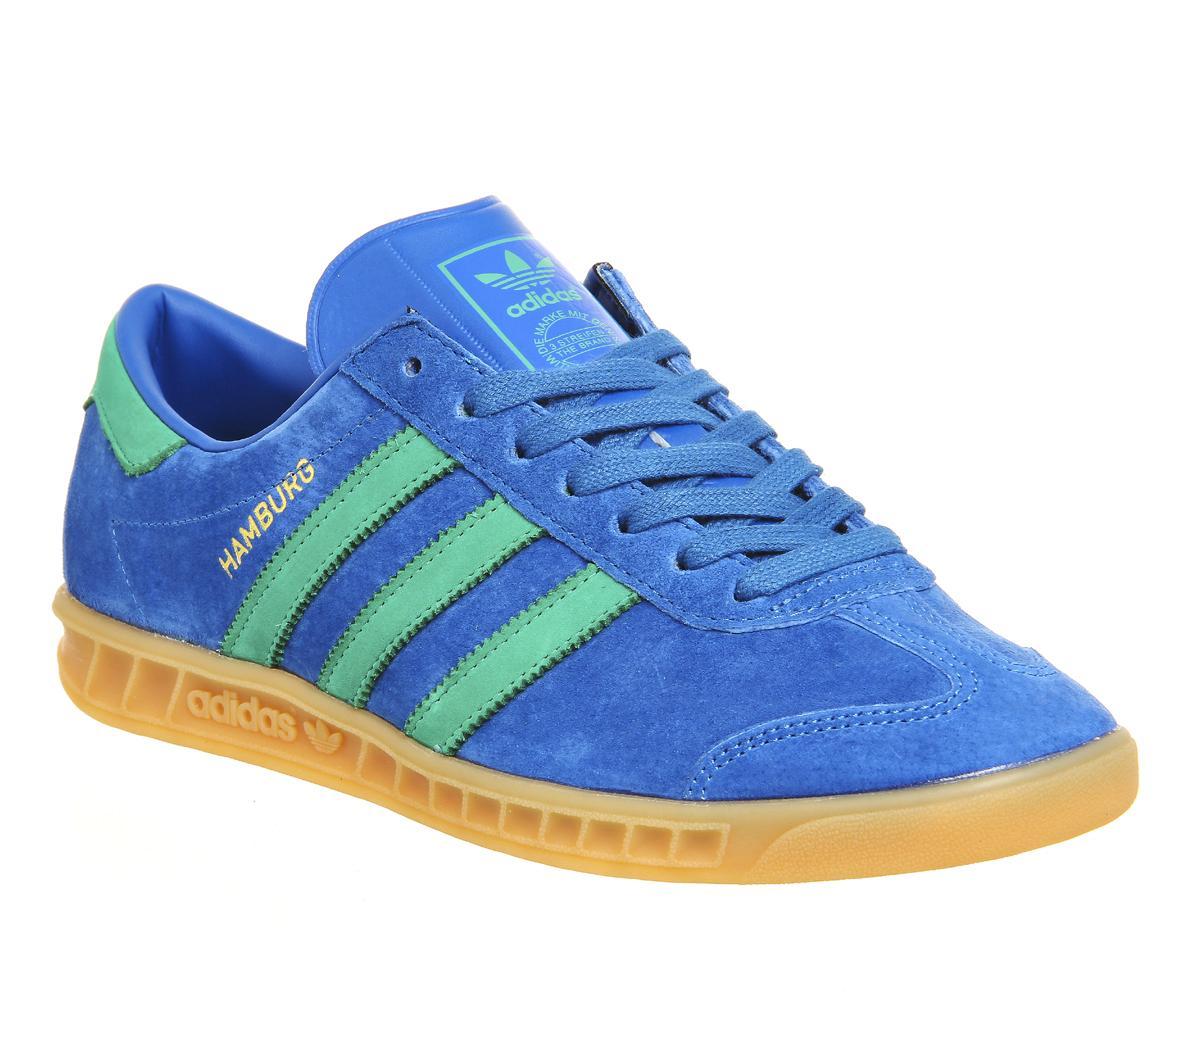 Adidas Hamburg Leather Trainers WhiteBold Blue